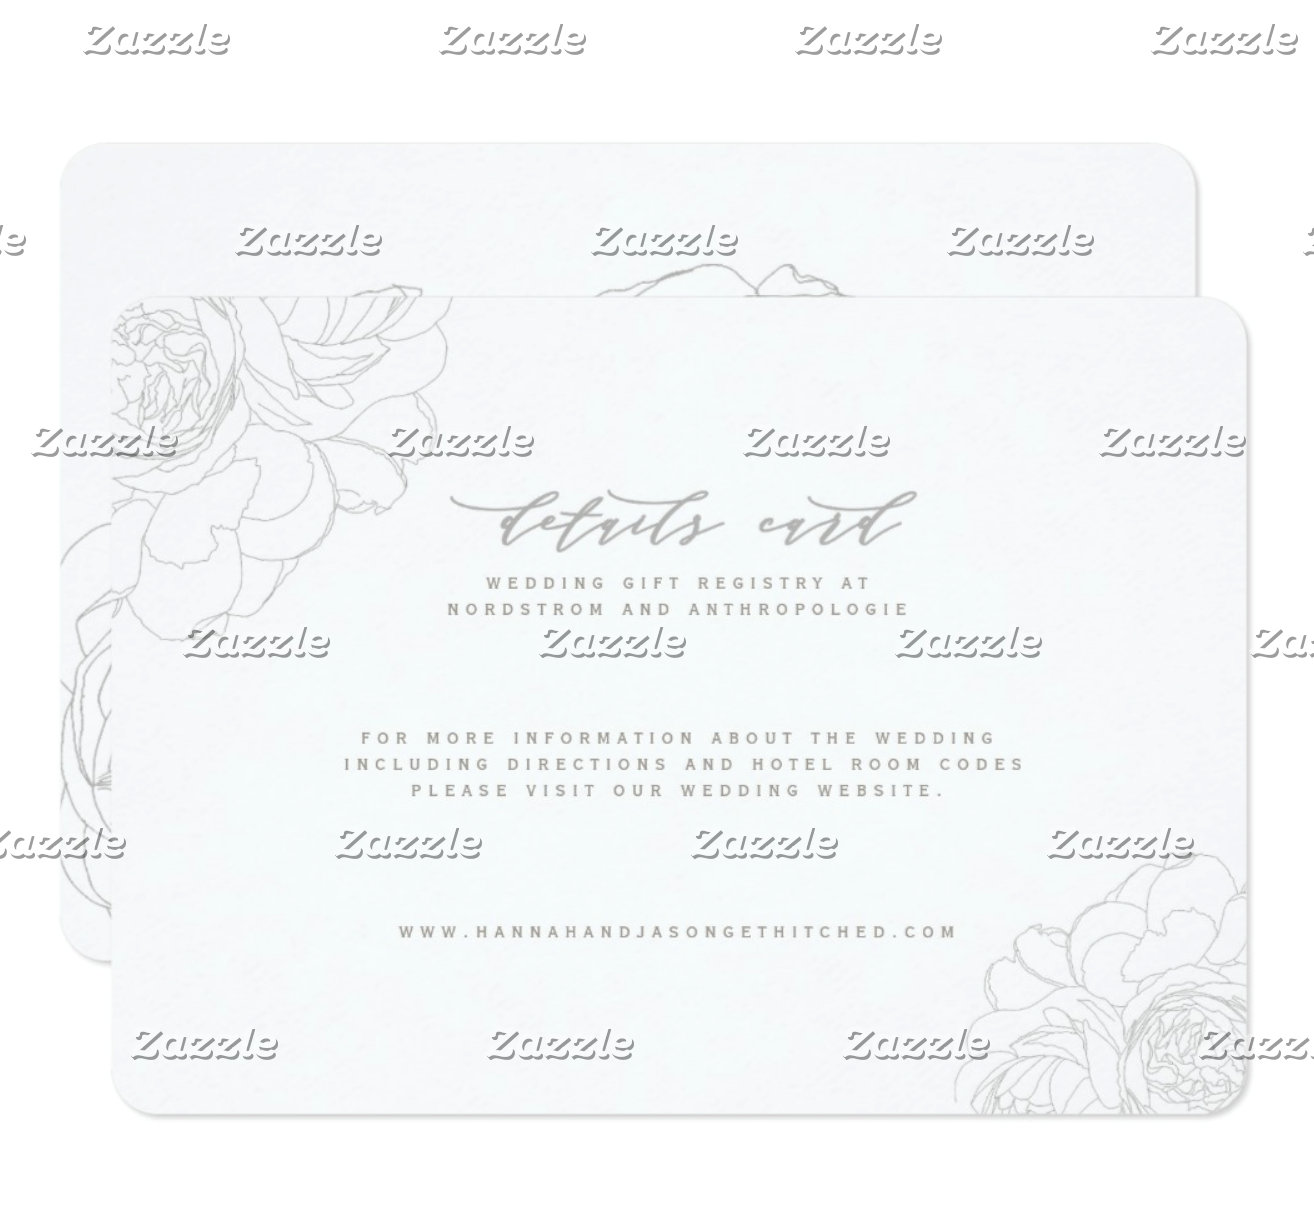 DETAILS CARDS